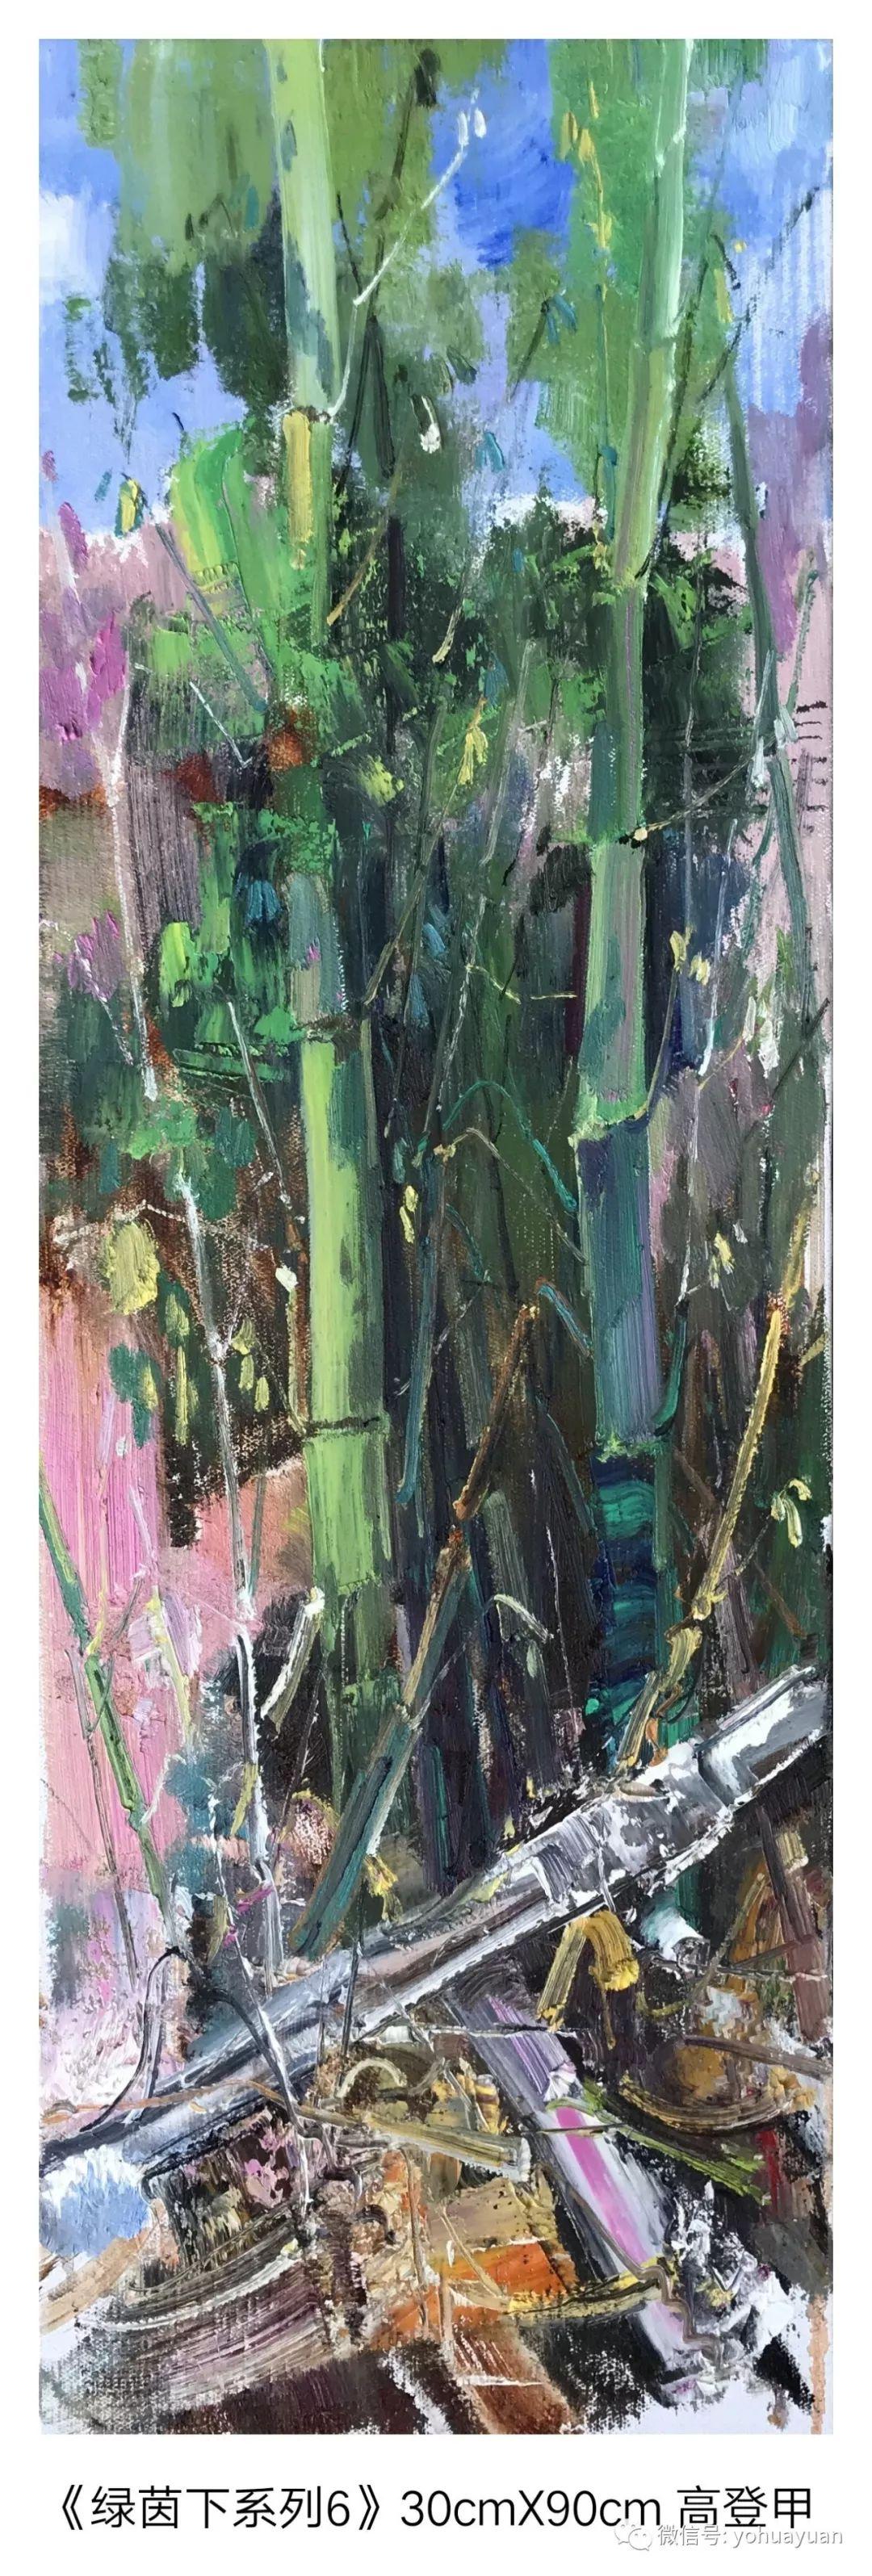 油画作品拍卖(内蒙古草原写生) 第44张 油画作品拍卖(内蒙古草原写生) 蒙古画廊